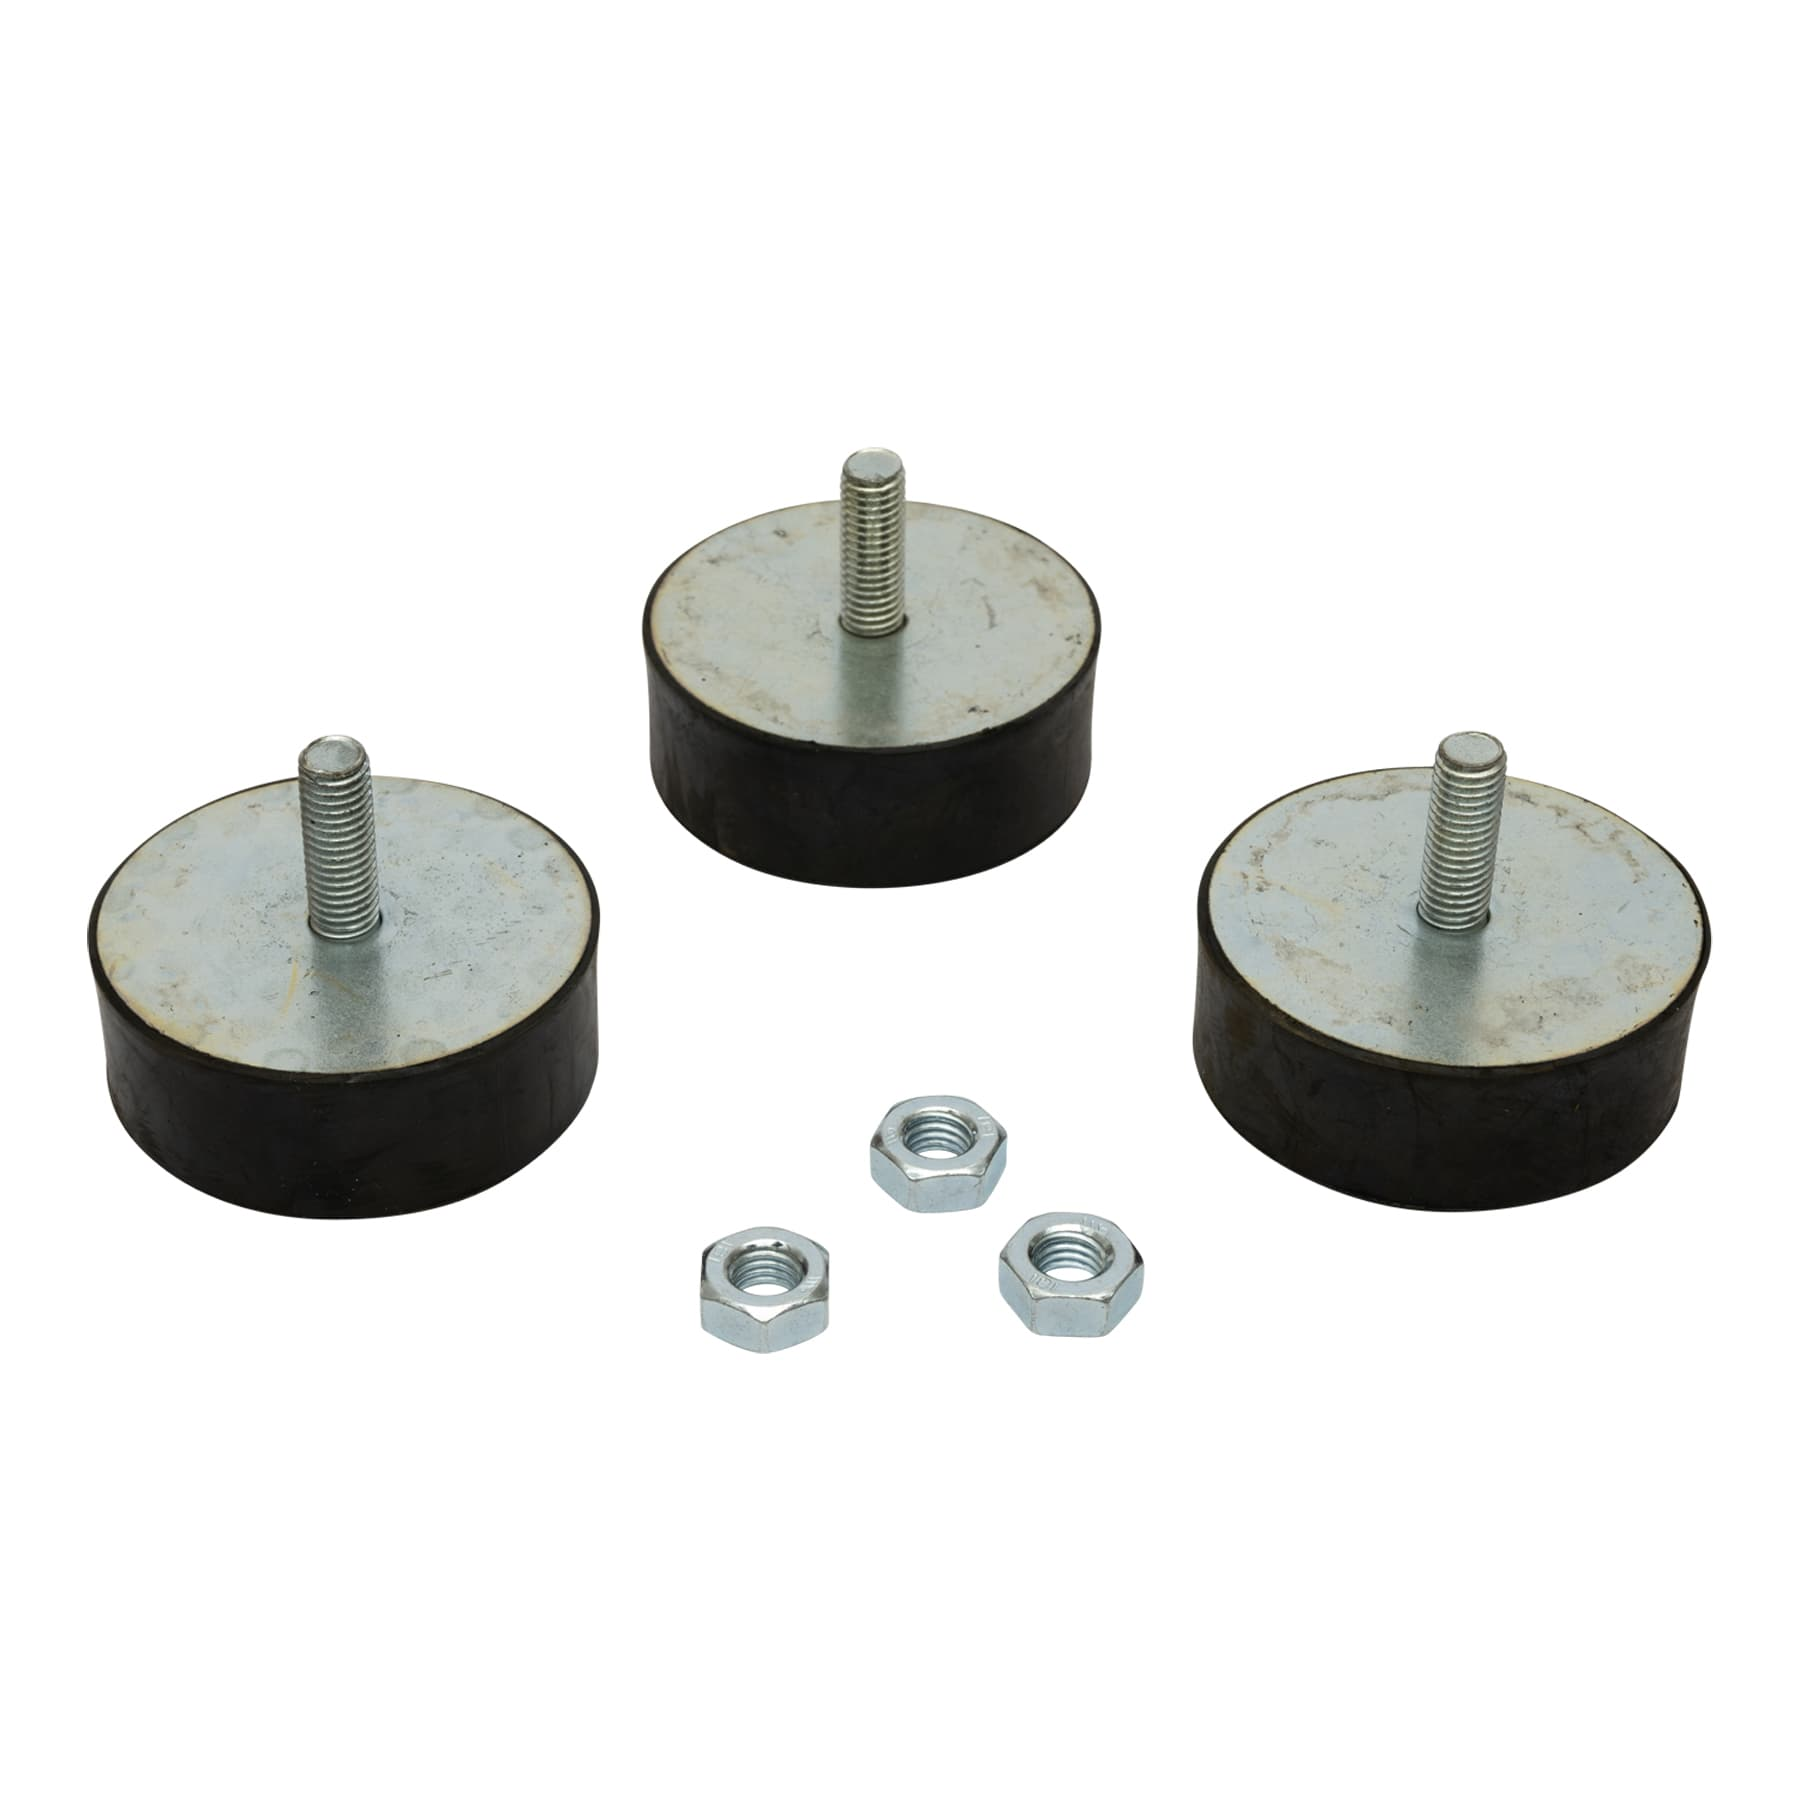 Schleuderfüße 70 mm x 25 mm aus Hartgummi mit Muttern M10 1 Satz a 3 Stück, auch Gummipuffer genannt